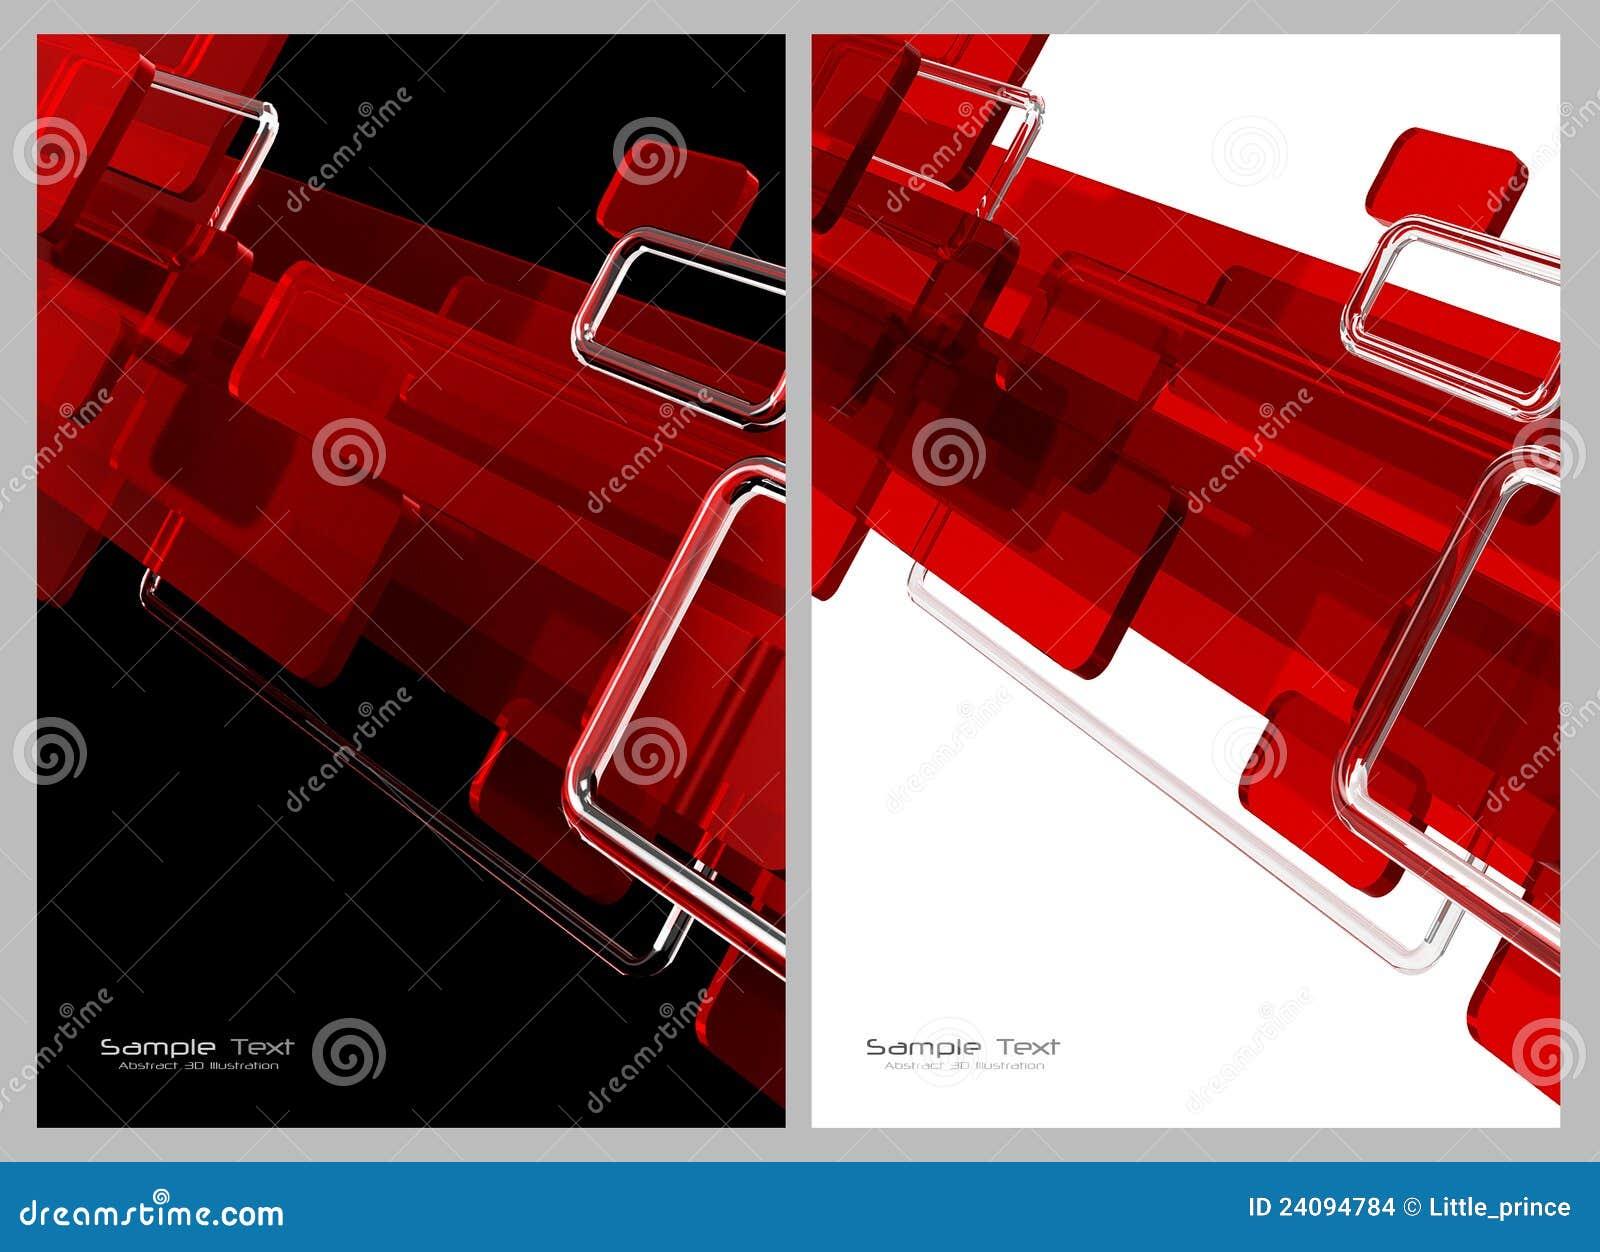 Rojo Fondo Abstracto Blanco Y Negro Stock De Ilustraci N